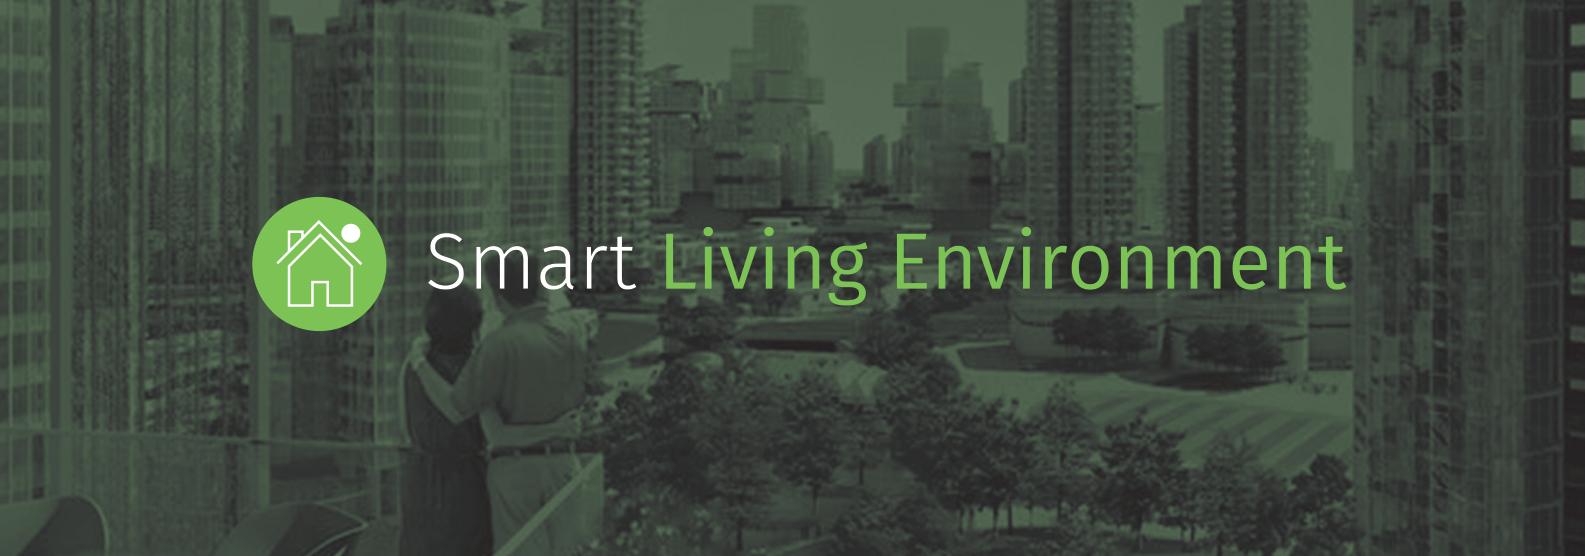 Smart living environment.jpg